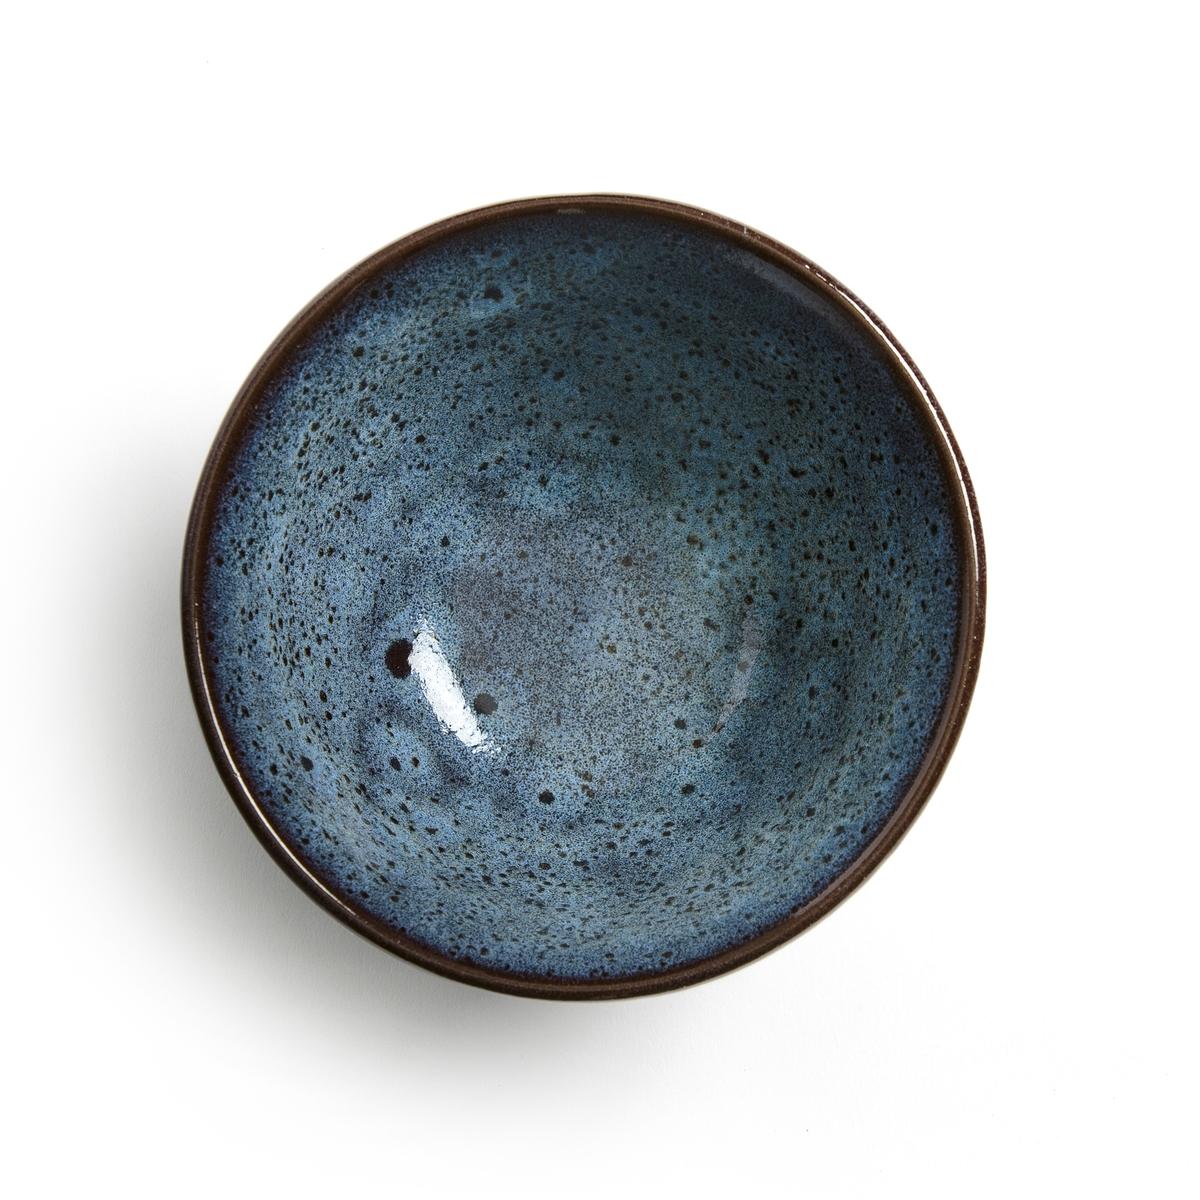 2 чашки чайные из эмалированной керамики, V?sanie2 чашки чайные  V?sanie . Чашки для чая в восточном стиле, которые можно использовать также для подвчи аперитива или десерта . Отделка с отражающим эффектом придает им нотку аутентичности и шарма .Характеристики : - Из эмалированной керамики с отражающим эффектом, рисунок может отличаться от изделия к изделию  - Можно использовать в посудомоечных машинах и микроволновых печах- Продается в черной коробке Размеры :- ?14 x H7,5 см<br><br>Цвет: синий/ каштан